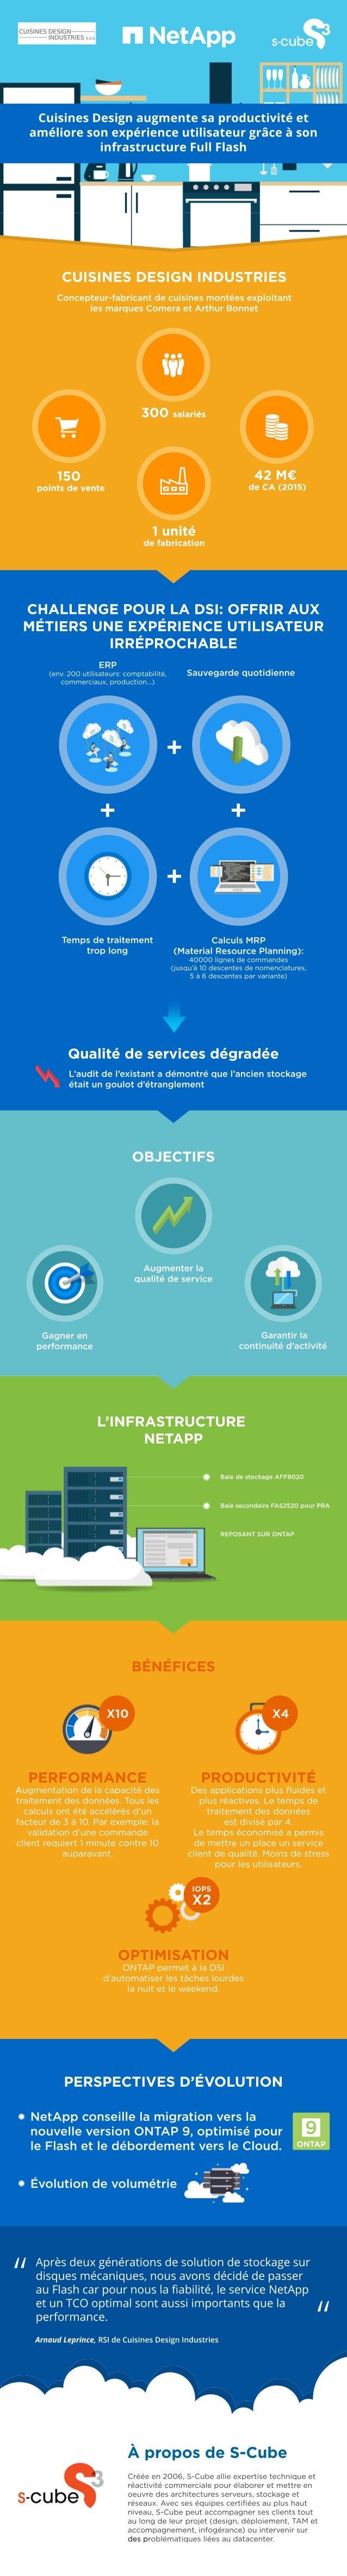 42M€ deCA(2015) 1unité defabrication 150 pointsdevente 300salariés CUISINESDESIGNINDUSTRIES Concepteur-fabricantdecuisines...